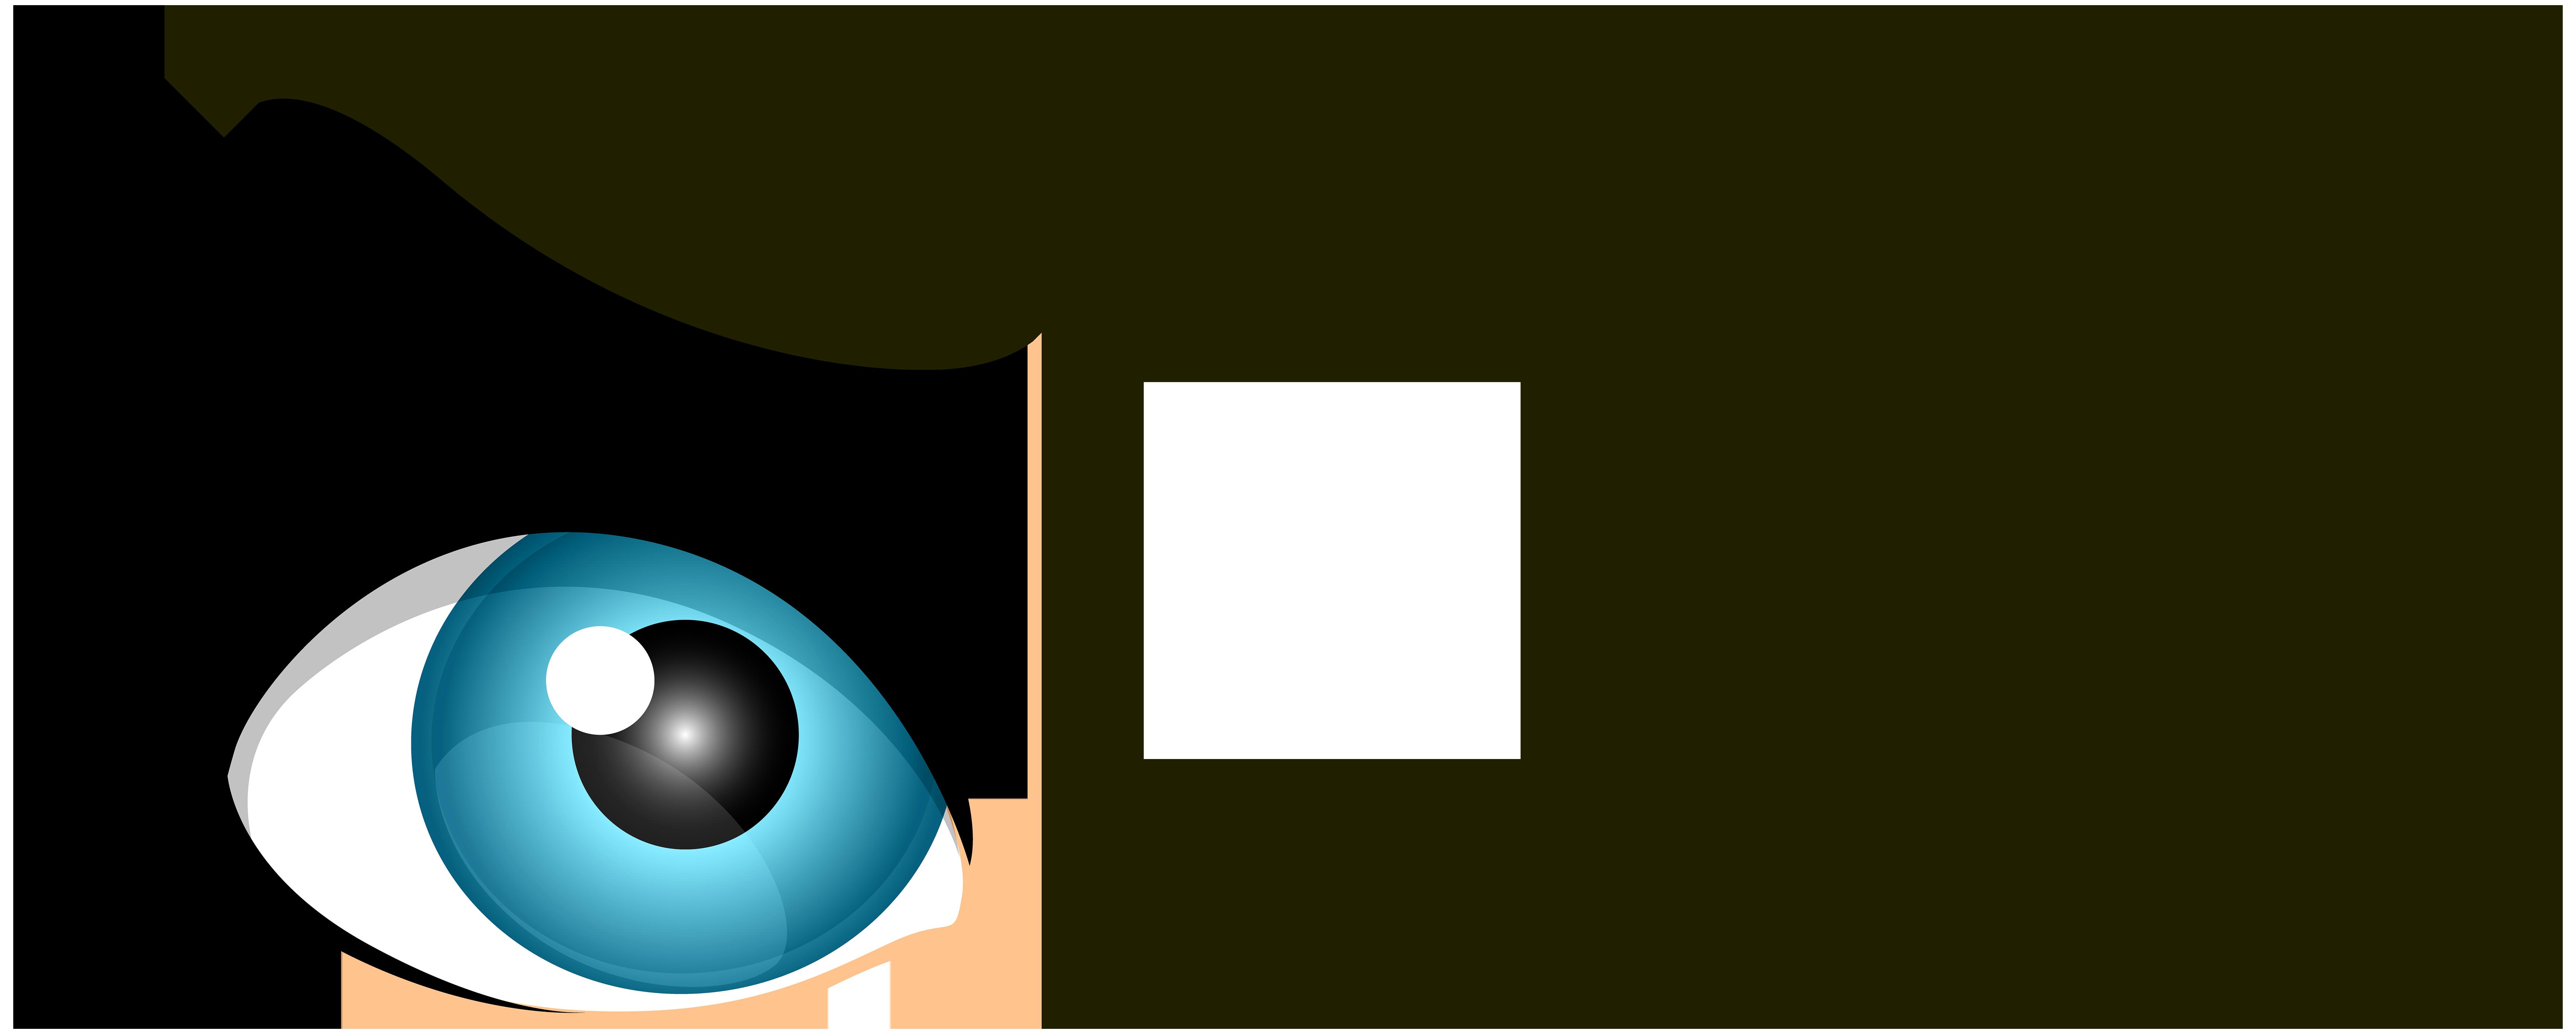 Free clipart winking eye image freeuse Png Winking Eye & Free Winking Eye.png Transparent Images #25173 - PNGio image freeuse